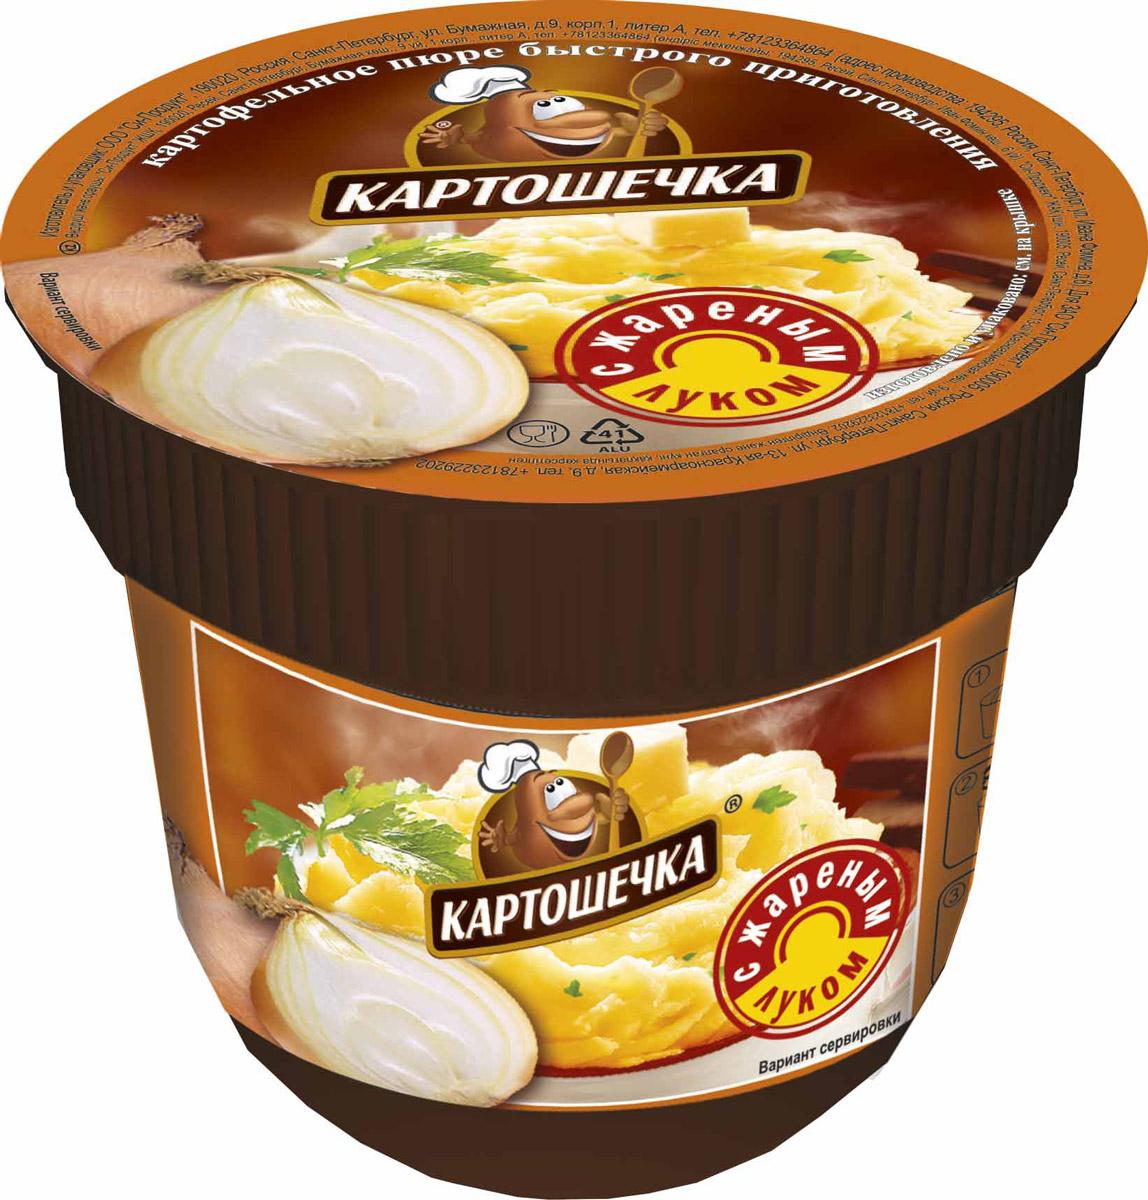 Картошечка Пюре картофельное с жареным луком, 41 г00000040935Обед моментального приготовления с жареным луком в порционном стакане.